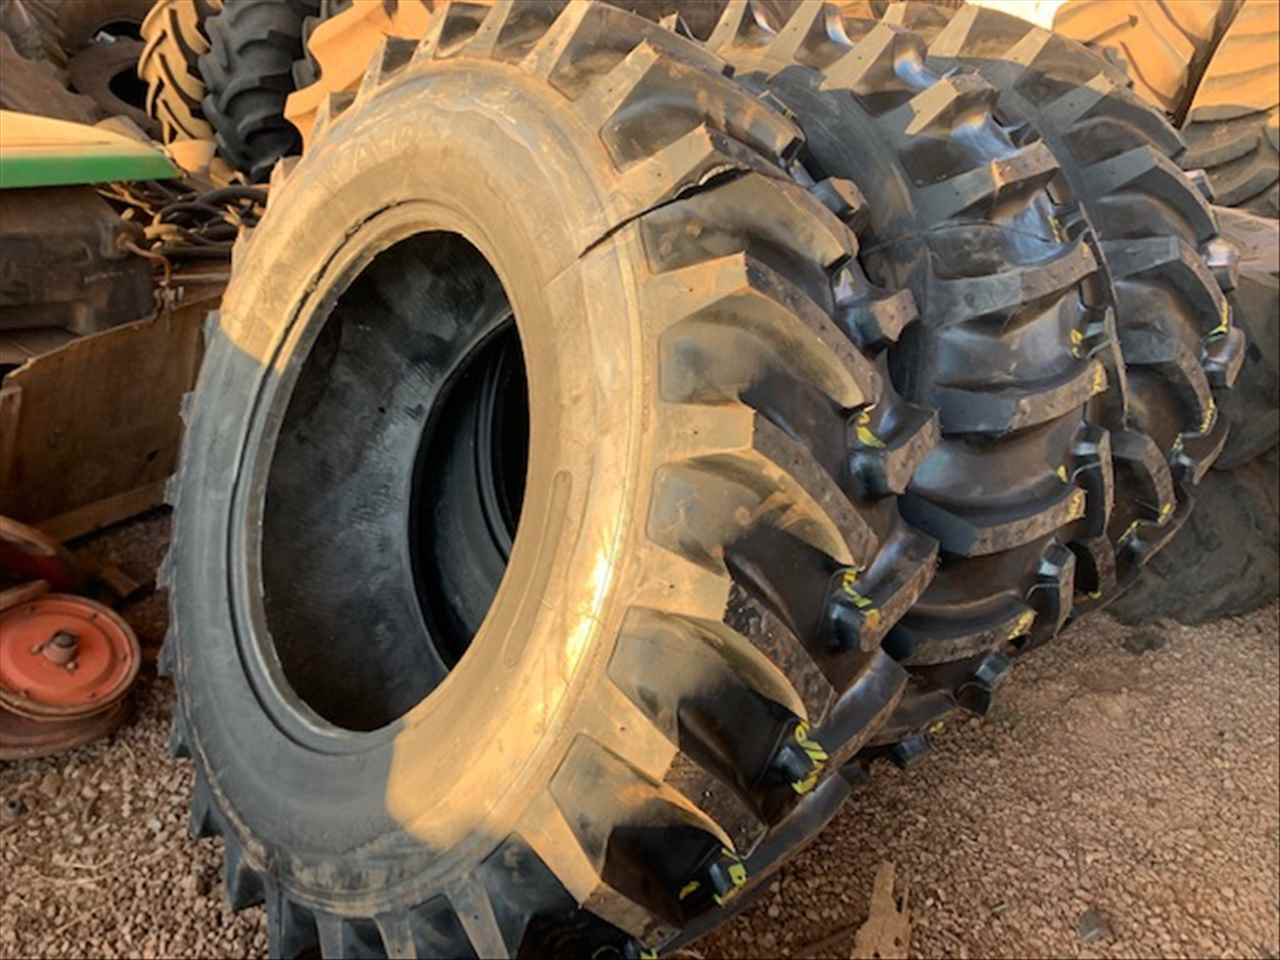 toledo%2fparana%2fpneus-18.4-30%2ftrator%2fagrale-cbt-ford-massey-ferguson-new-holland--valtra%2fcbt-1000-cbt-1065--mf-265-mf-275%2flago-maquinas-e-pecas-agricolas%2f12343